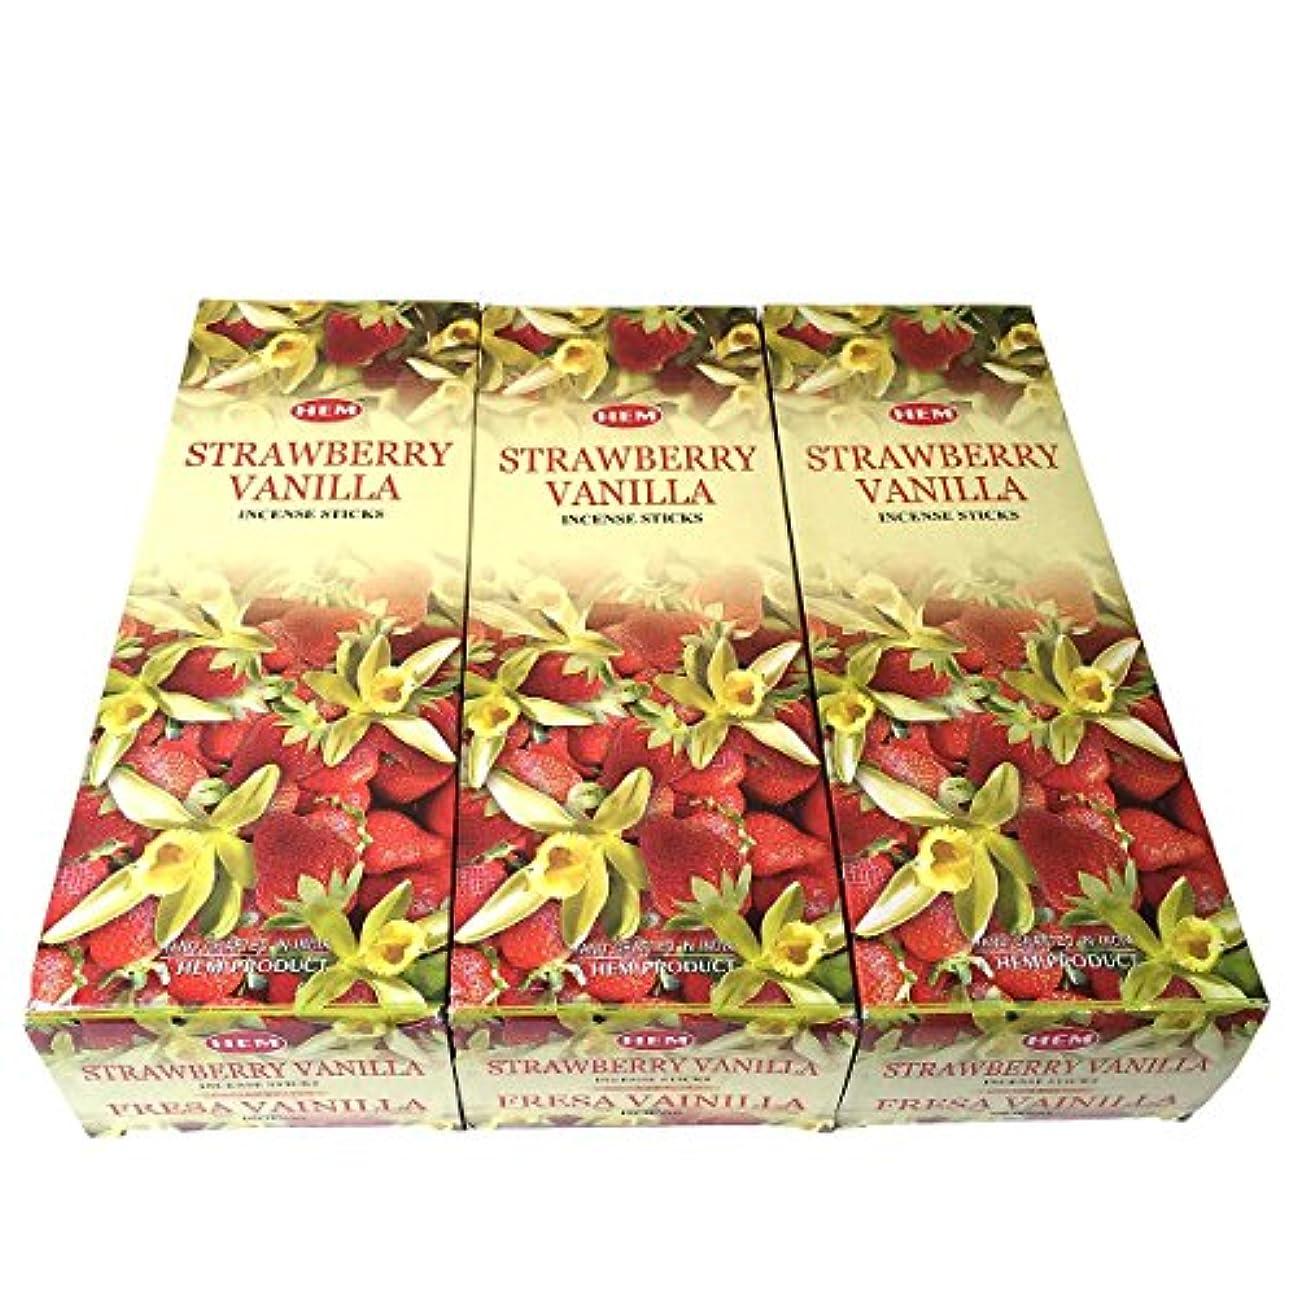 官僚すすり泣き分析的ストロベリーバニラ香スティック 3BOX(18箱) /HEM STRAWBERRY VANILLA/インセンス/インド香 お香 [並行輸入品]